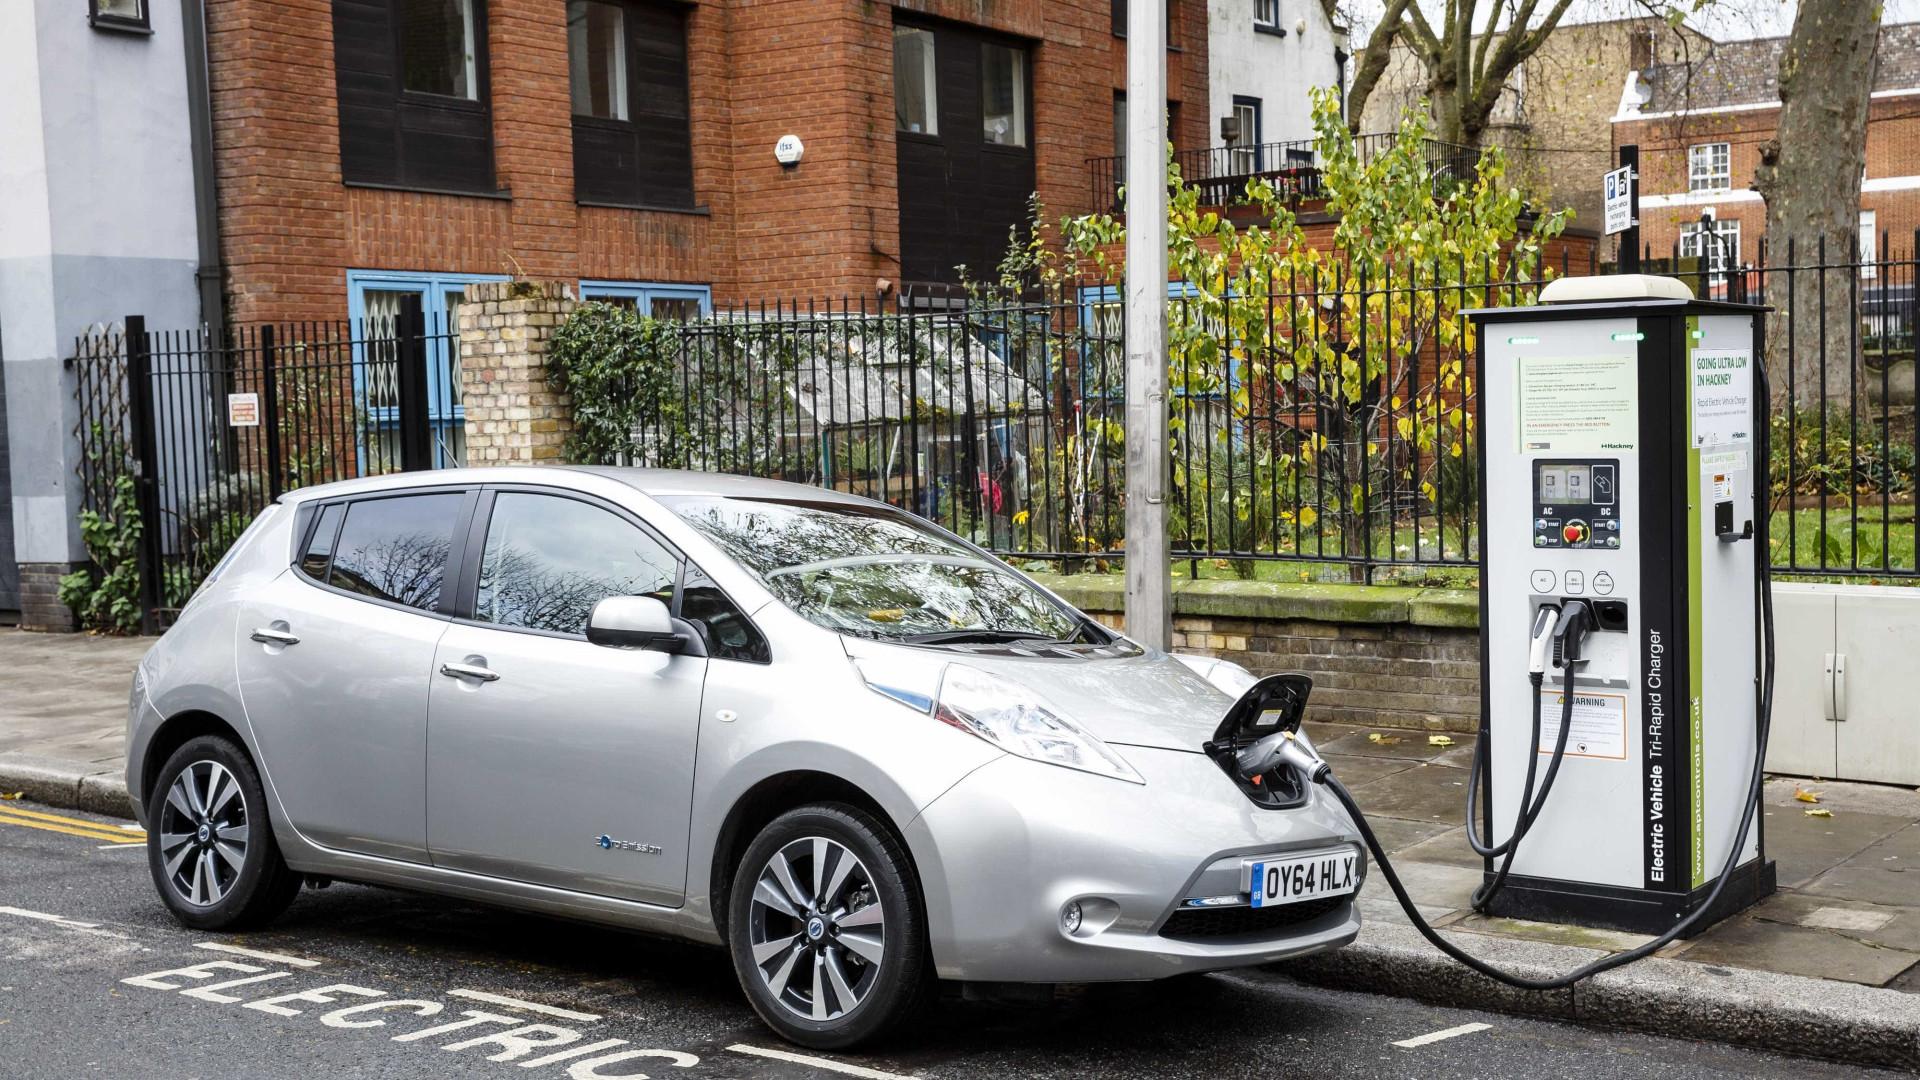 Mais apoio a carros elétricos e transportes públicos, alerta organização